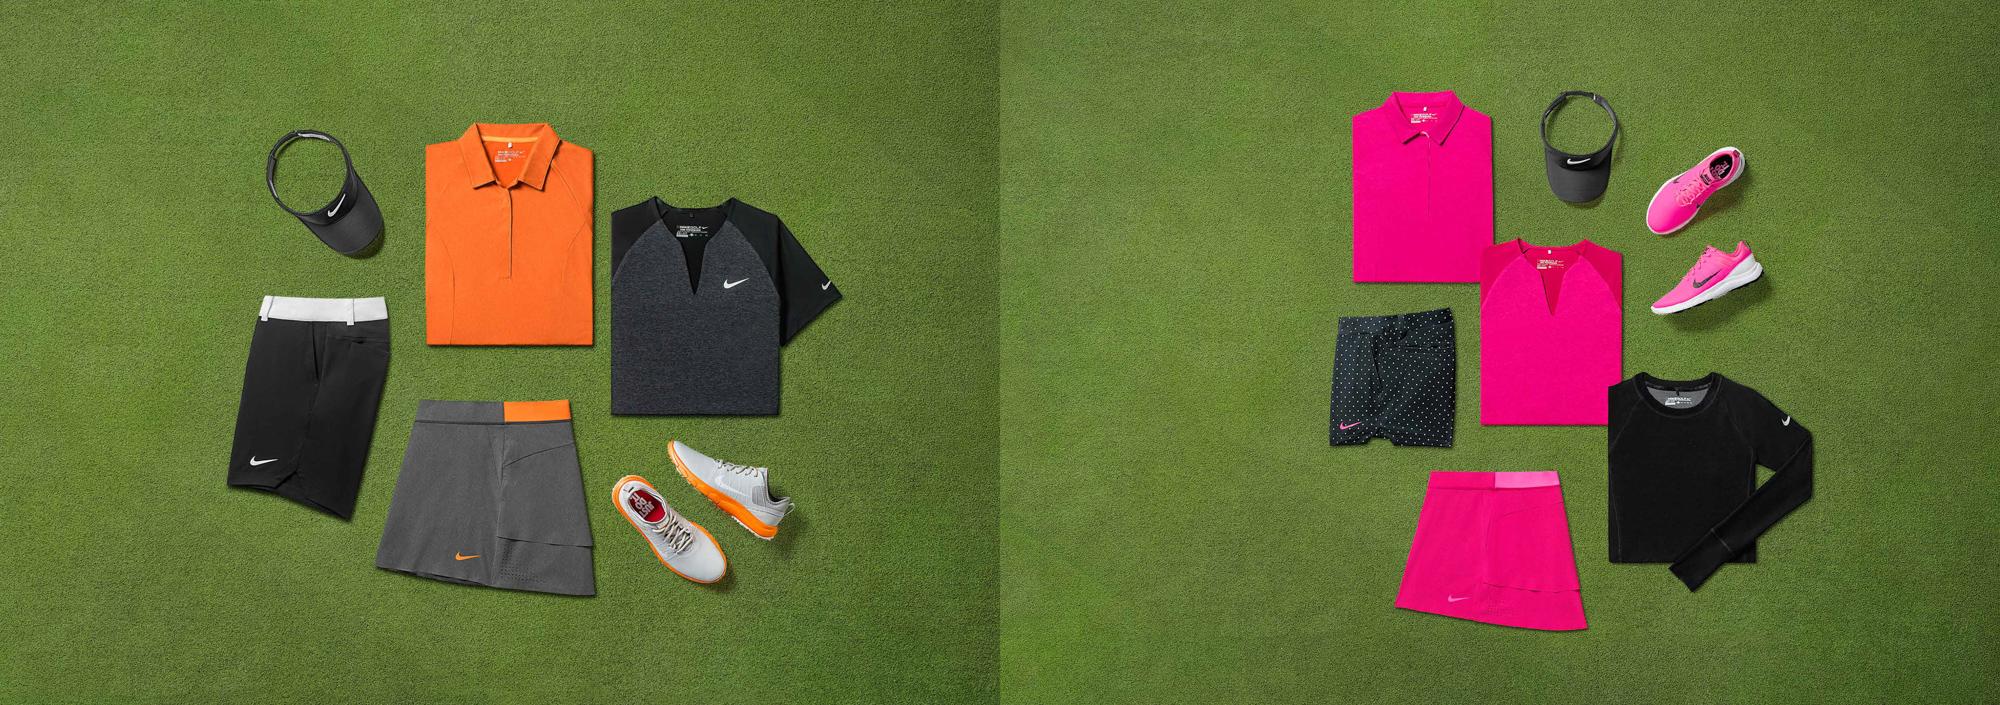 Nike_02s-2.jpg